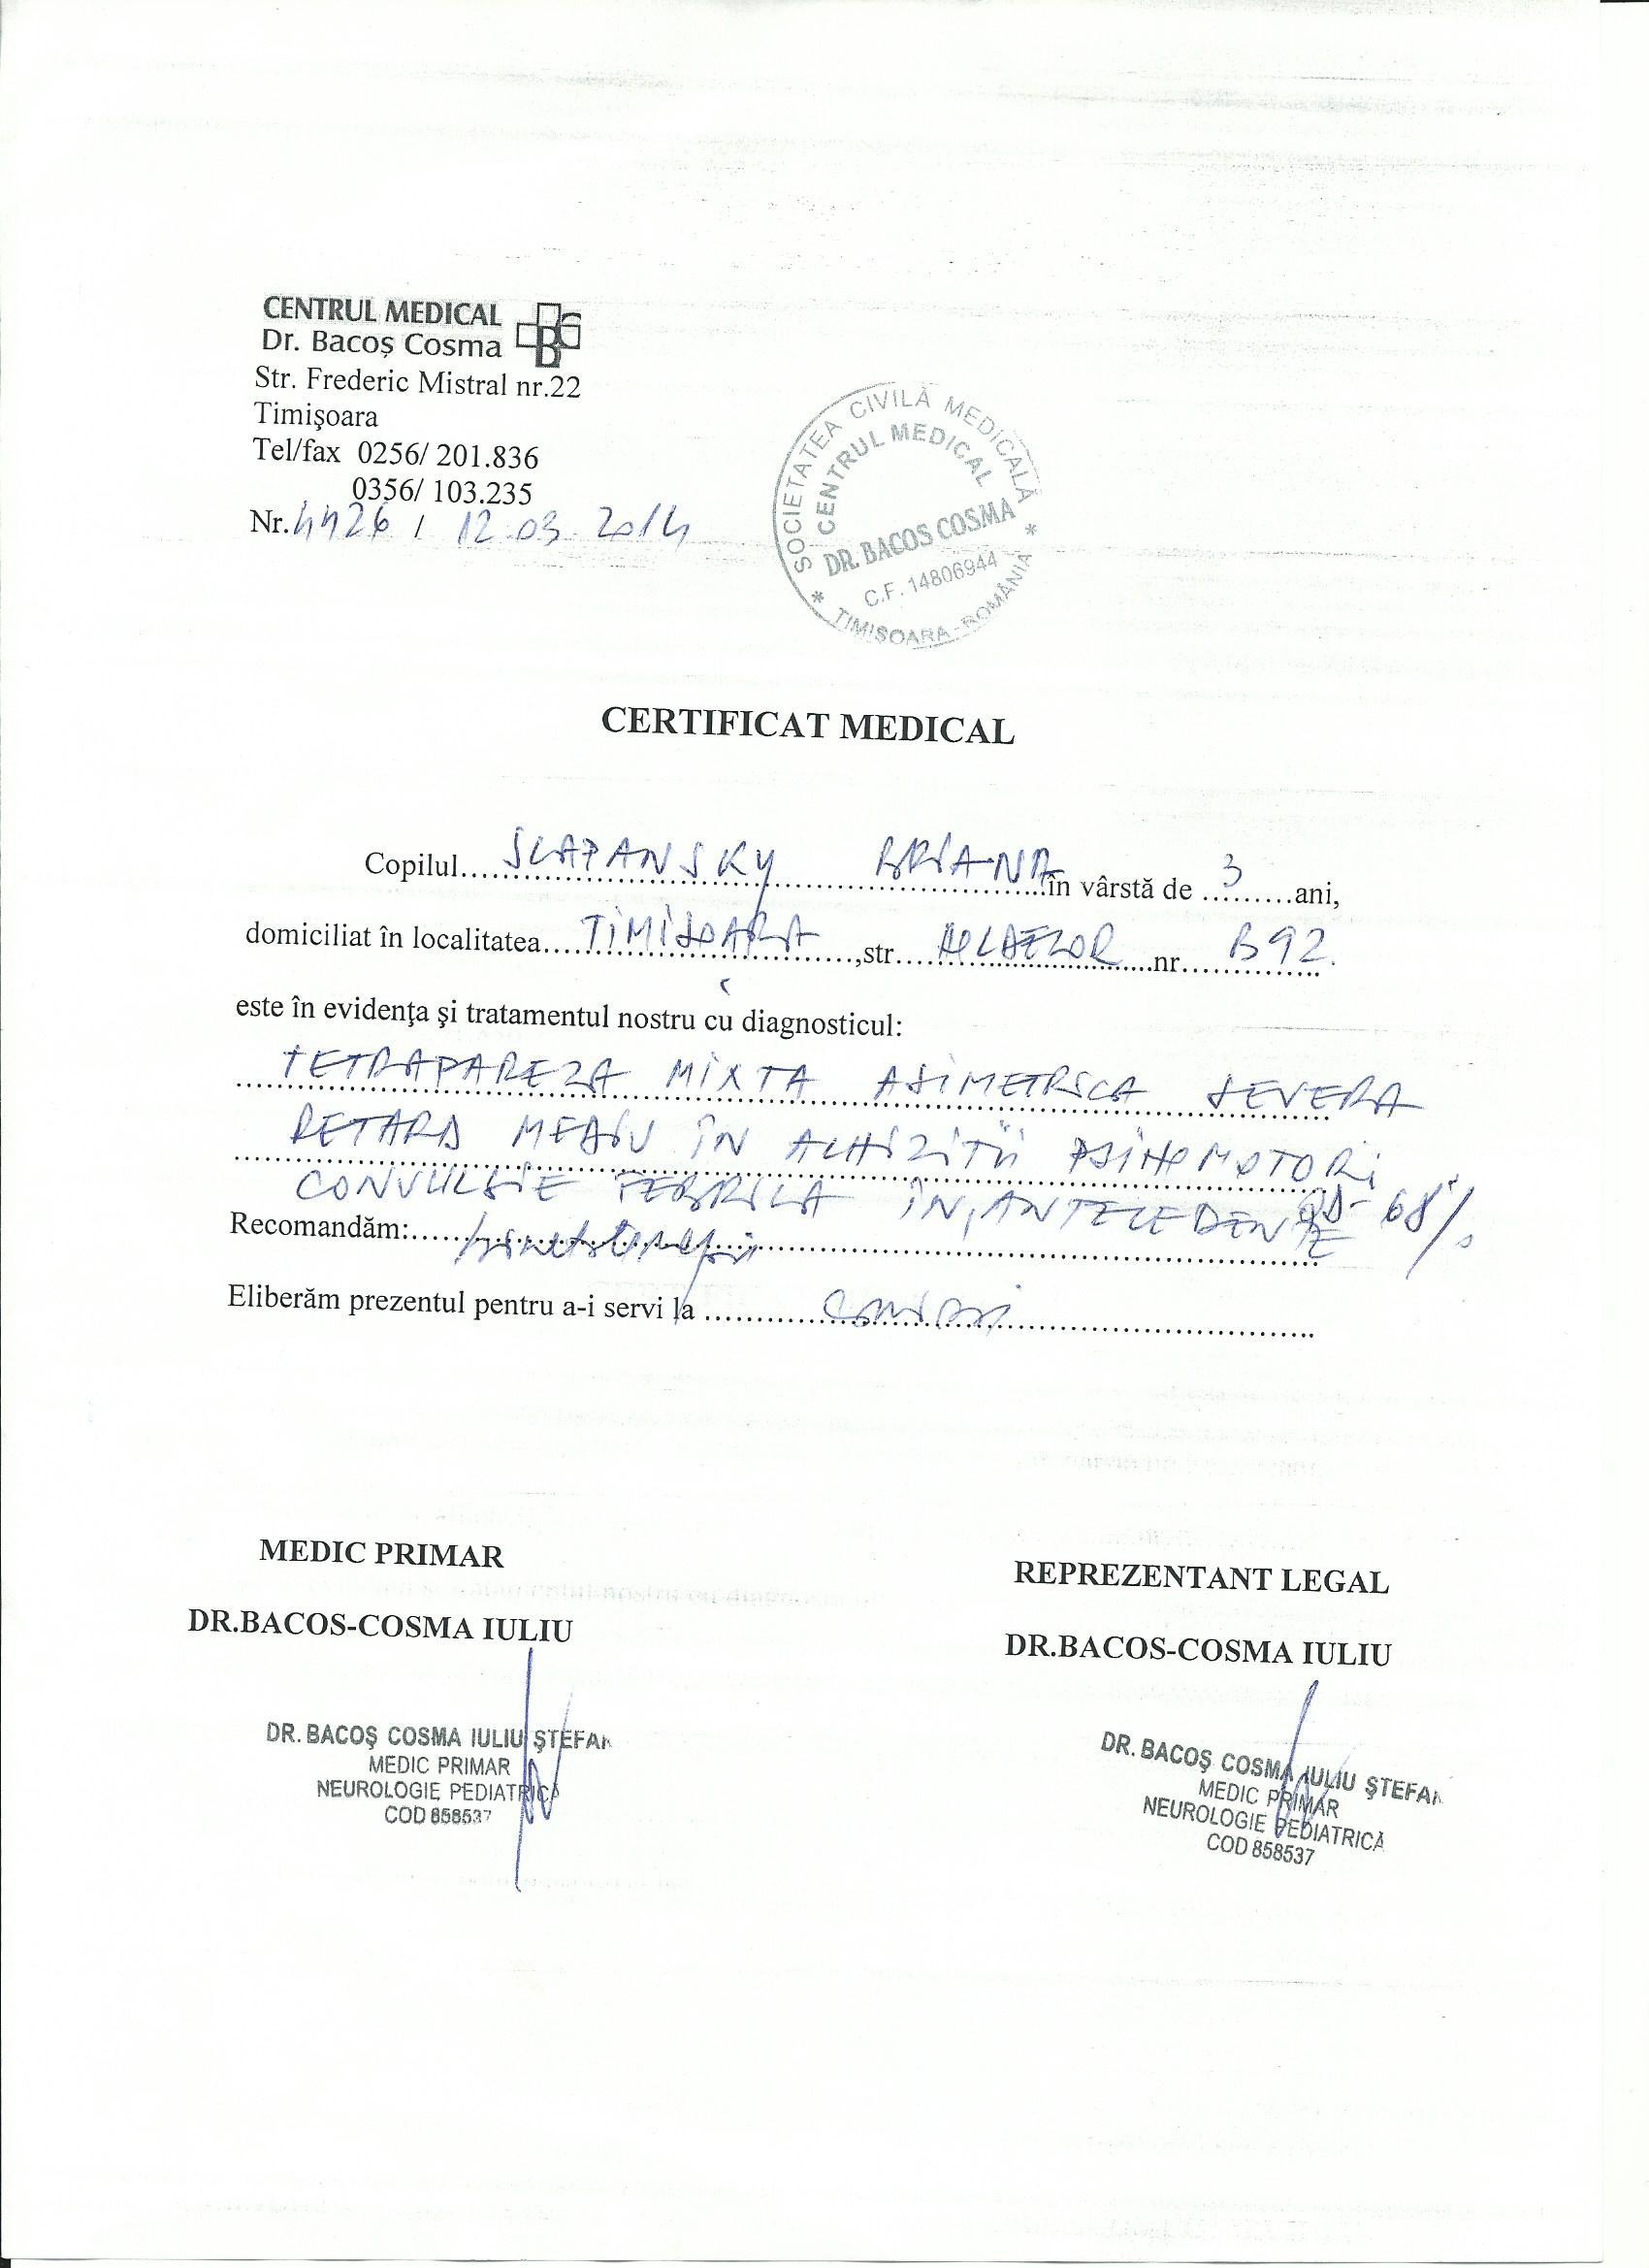 Medical Certificates Marisa Briana